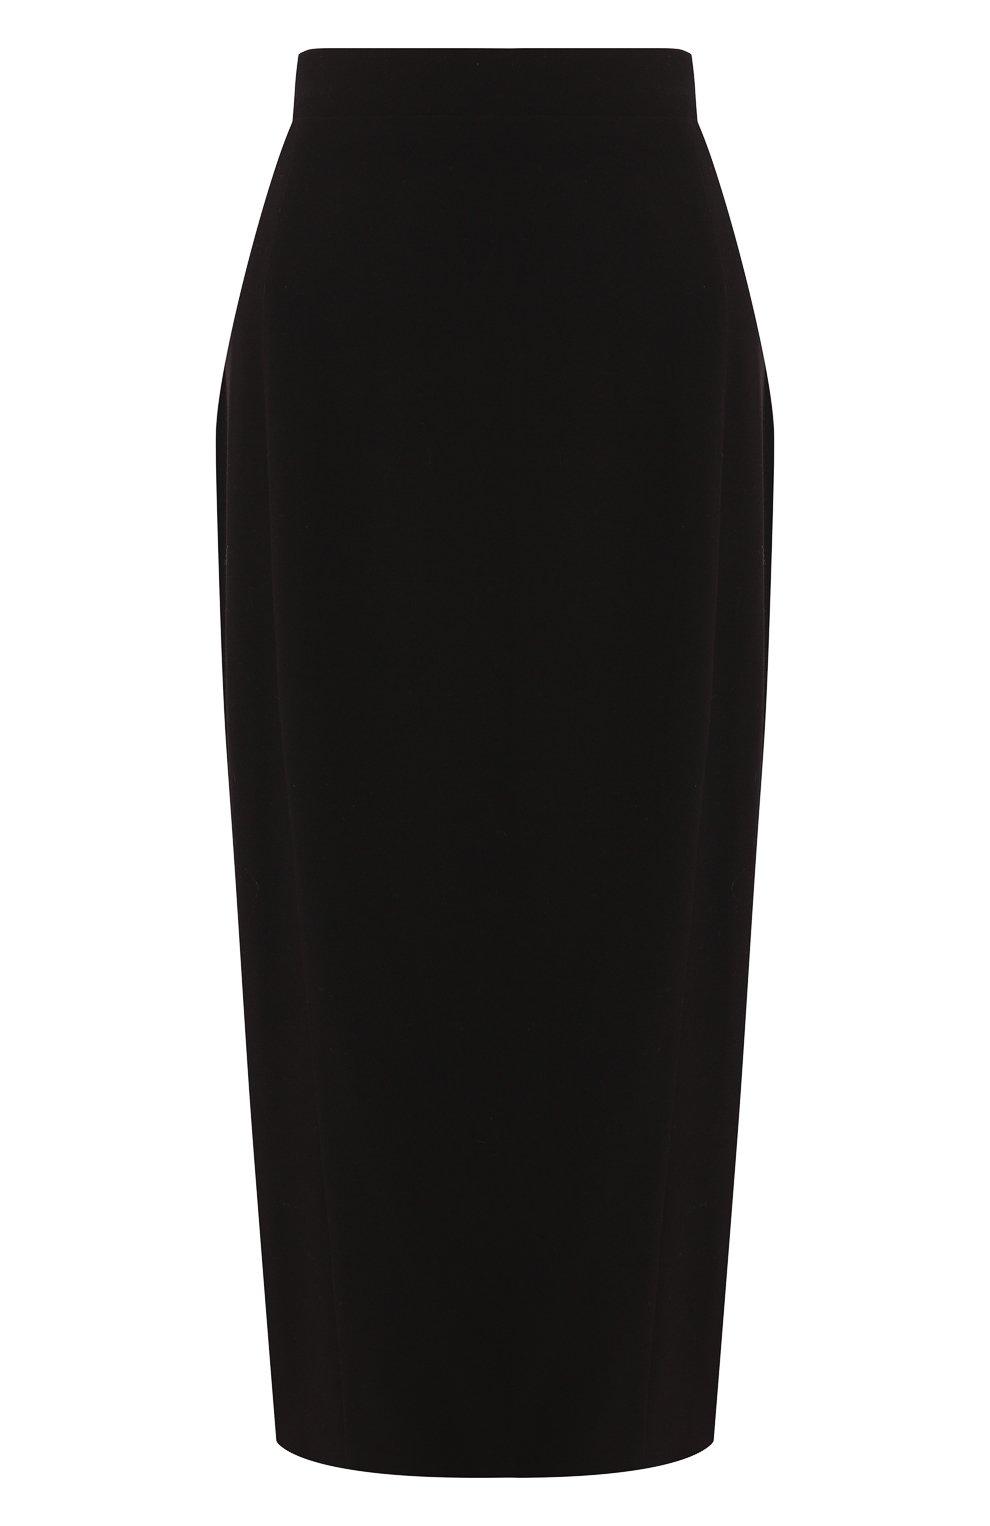 Женская юбка ULYANA SERGEENKO черного цвета, арт. 0153т19 (GNM005SS19P) | Фото 1